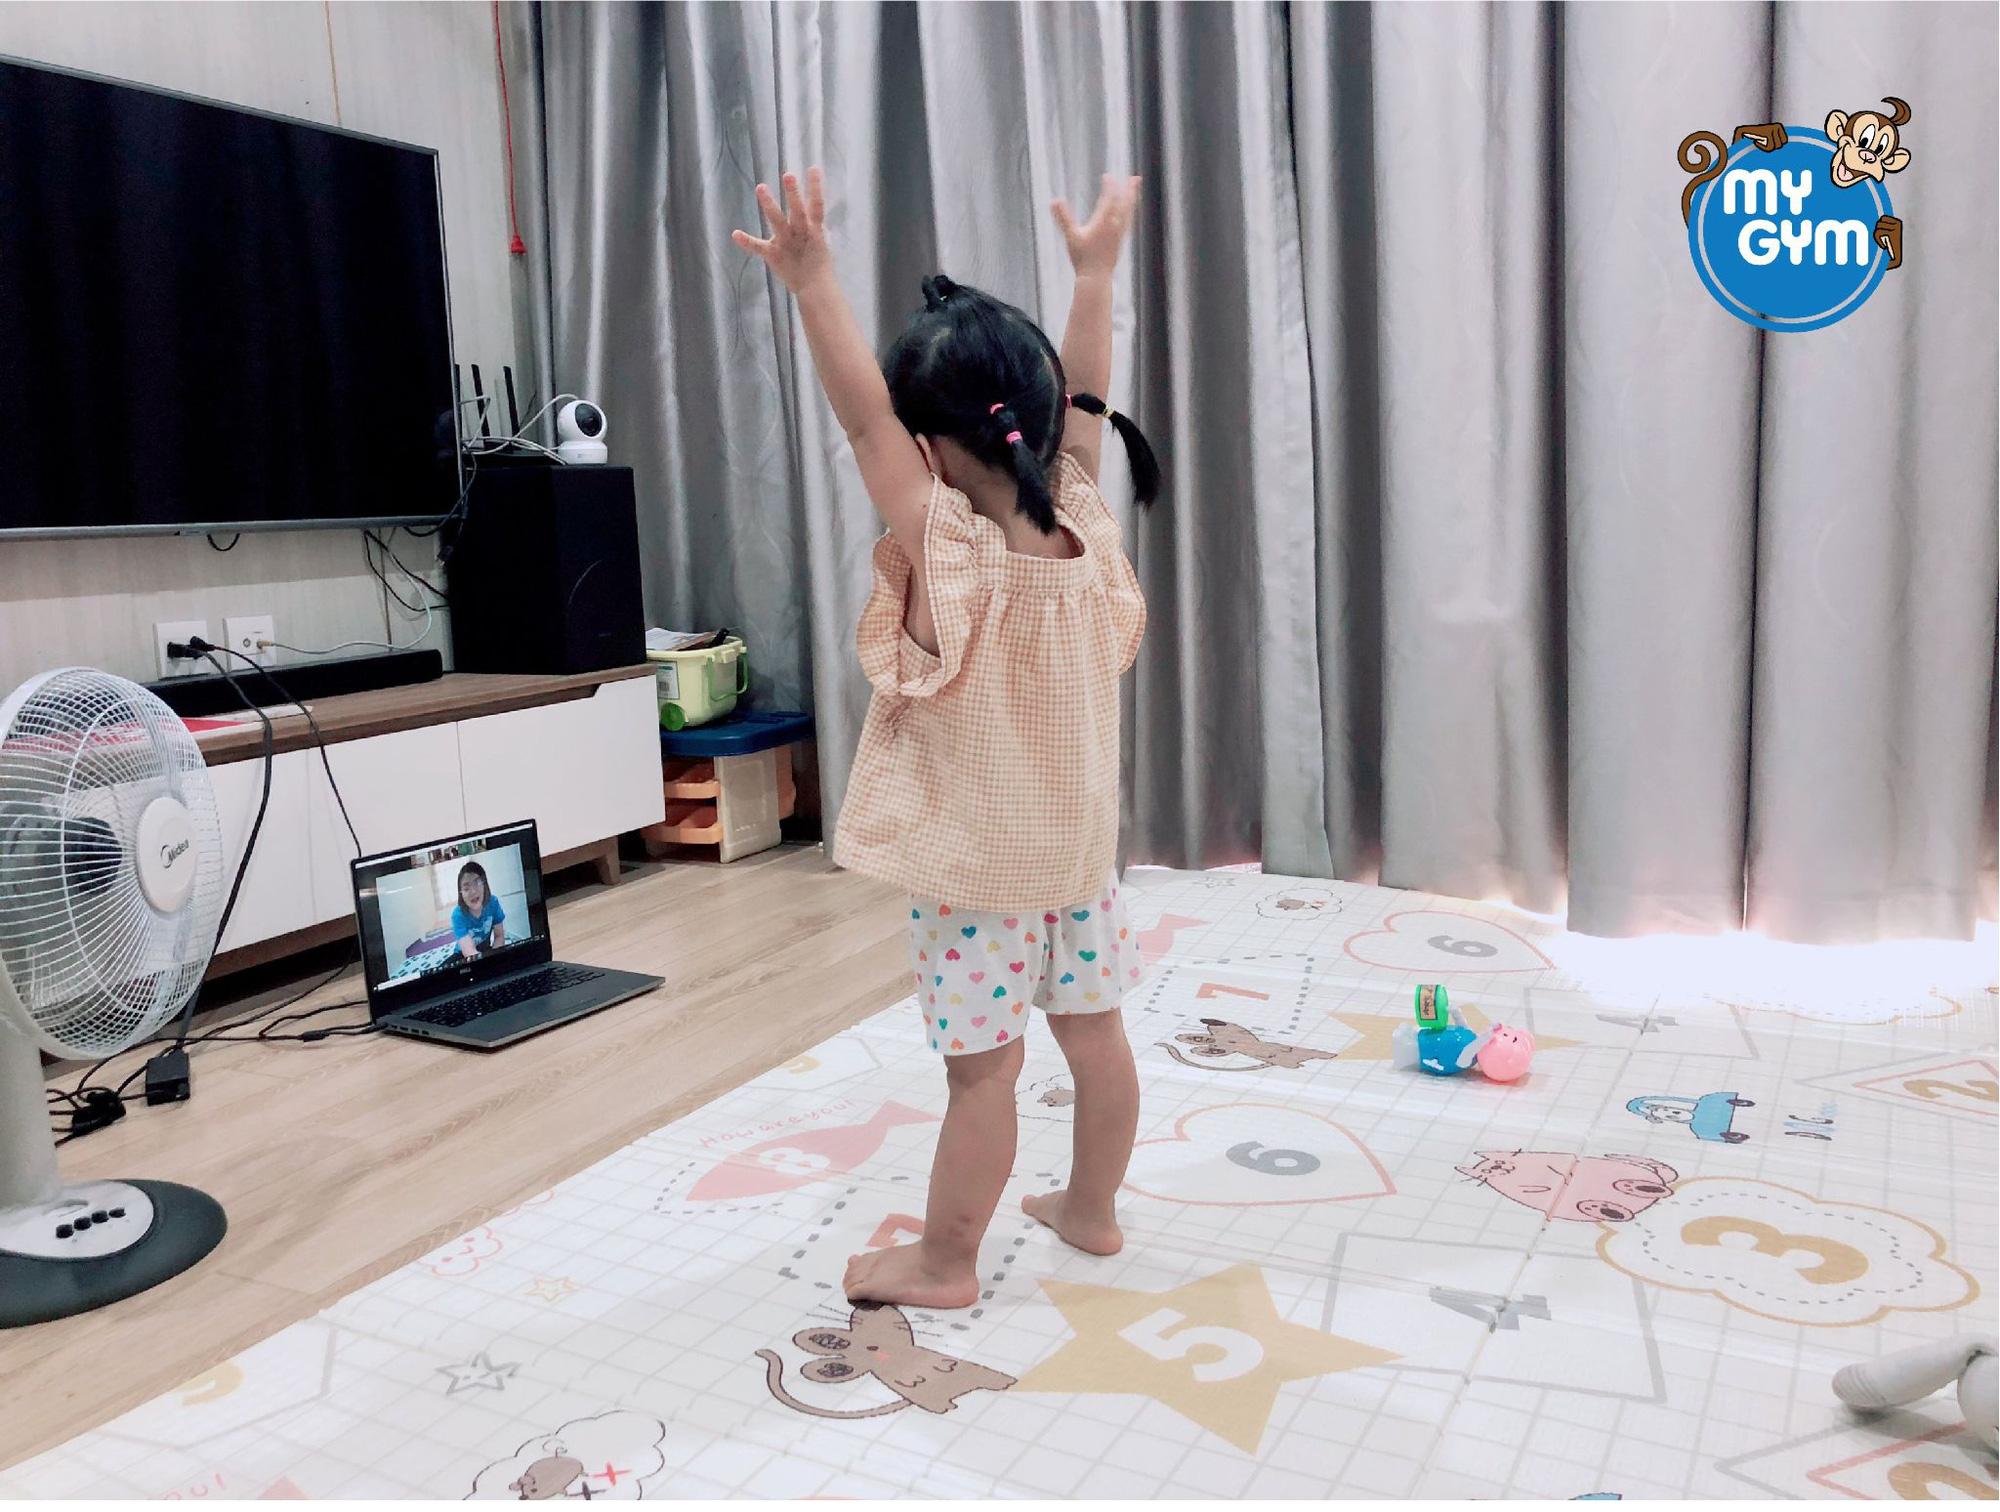 Ra mắt khóa học Gym Online cho trẻ Việt Nam, giáo trình tương tự trẻ em Mỹ - Ảnh 2.